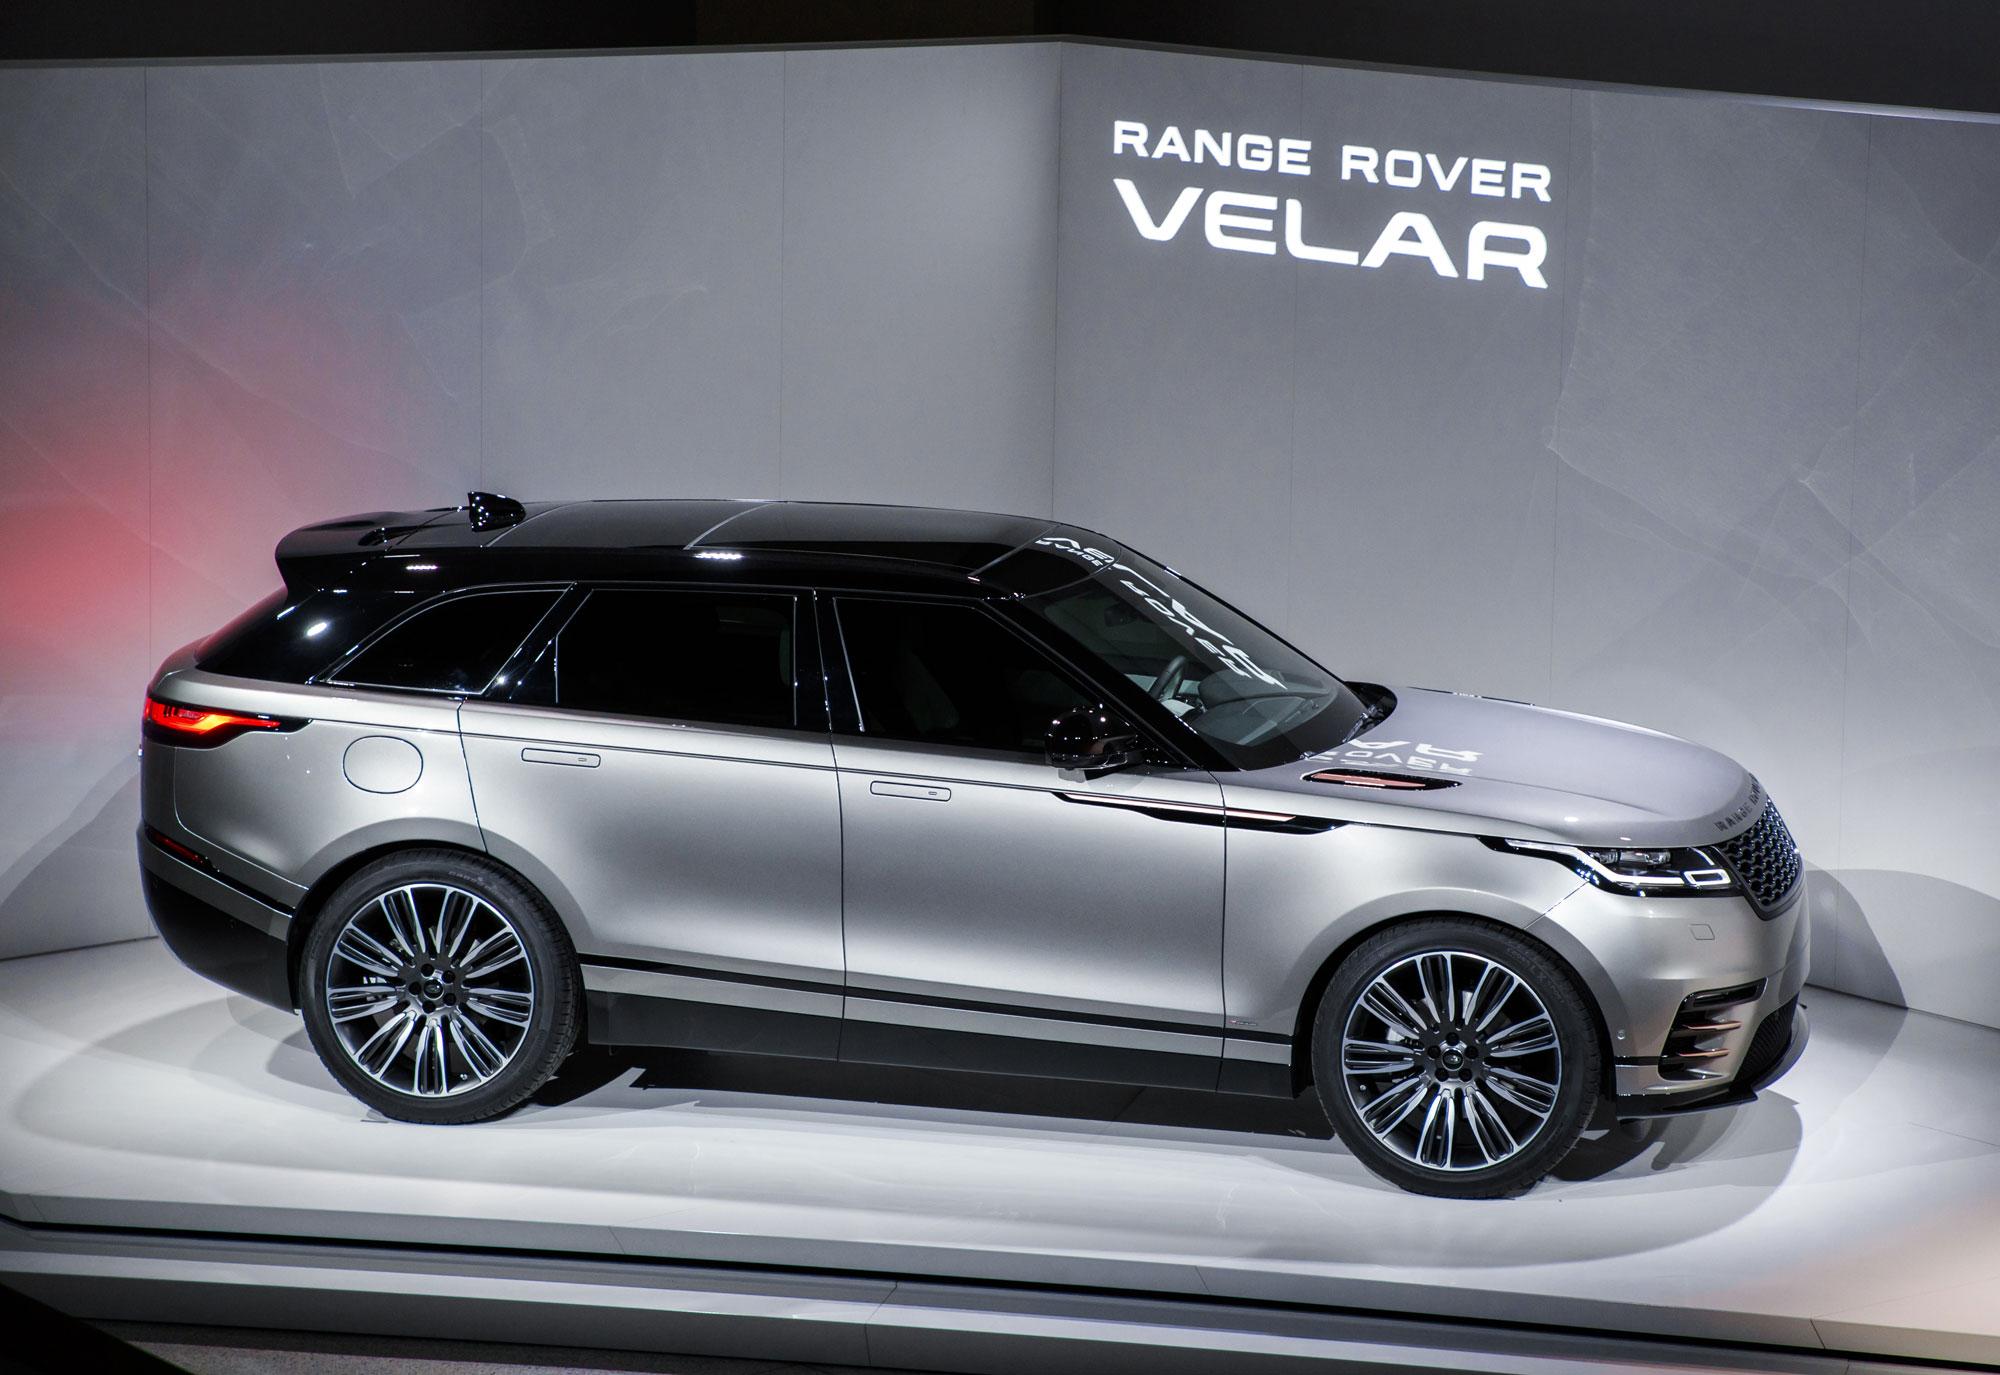 L60v-zJx8tM-4Xf2J4I6cdyGgzGEUusE_Range_Rover_Velar_Reveal_009.jpg